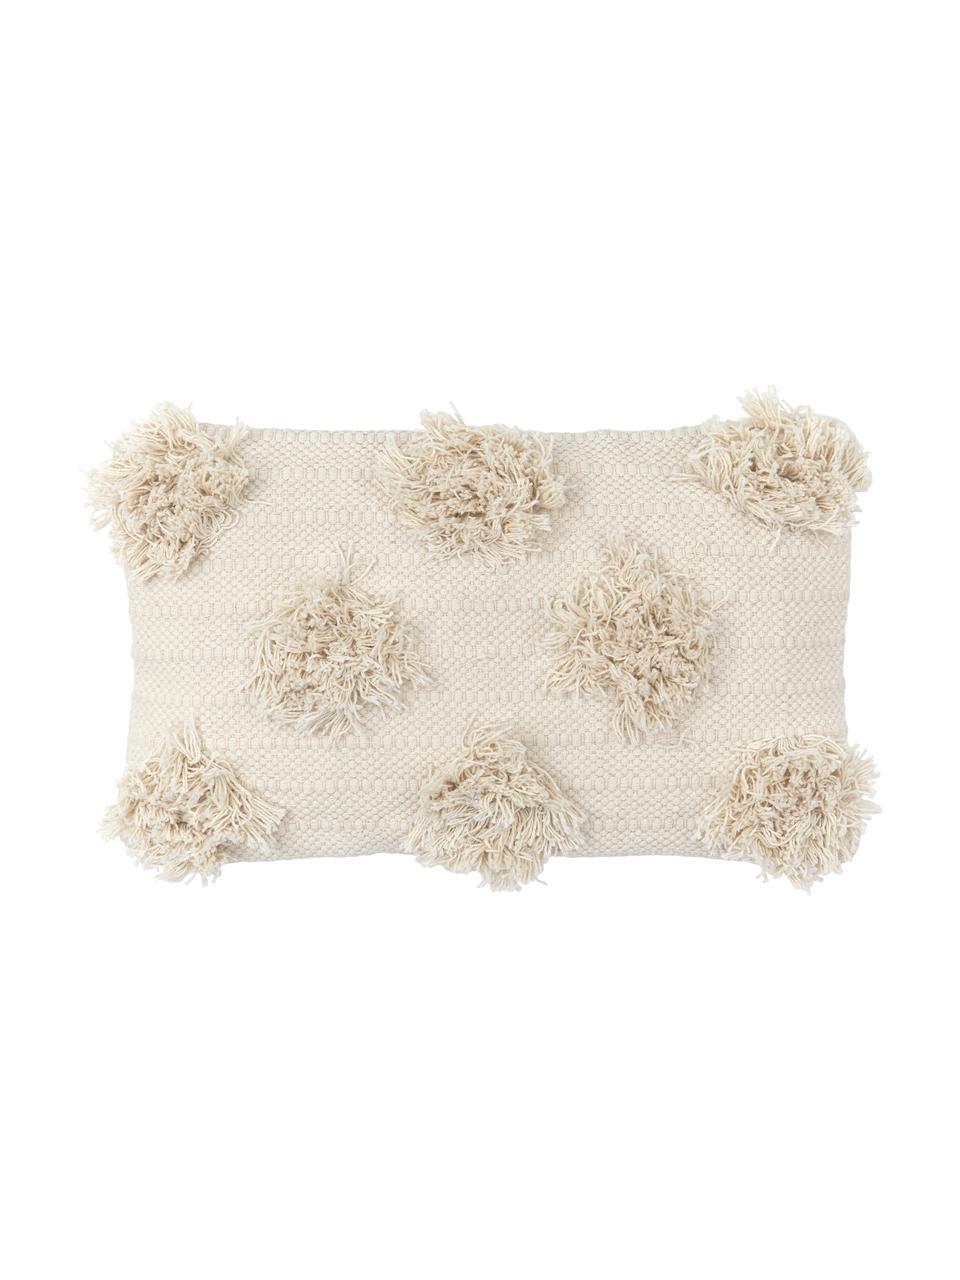 Boho Kissenhülle Vana mit getufteten Verzierungen, 100% Baumwolle, Ecru, 30 x 50 cm